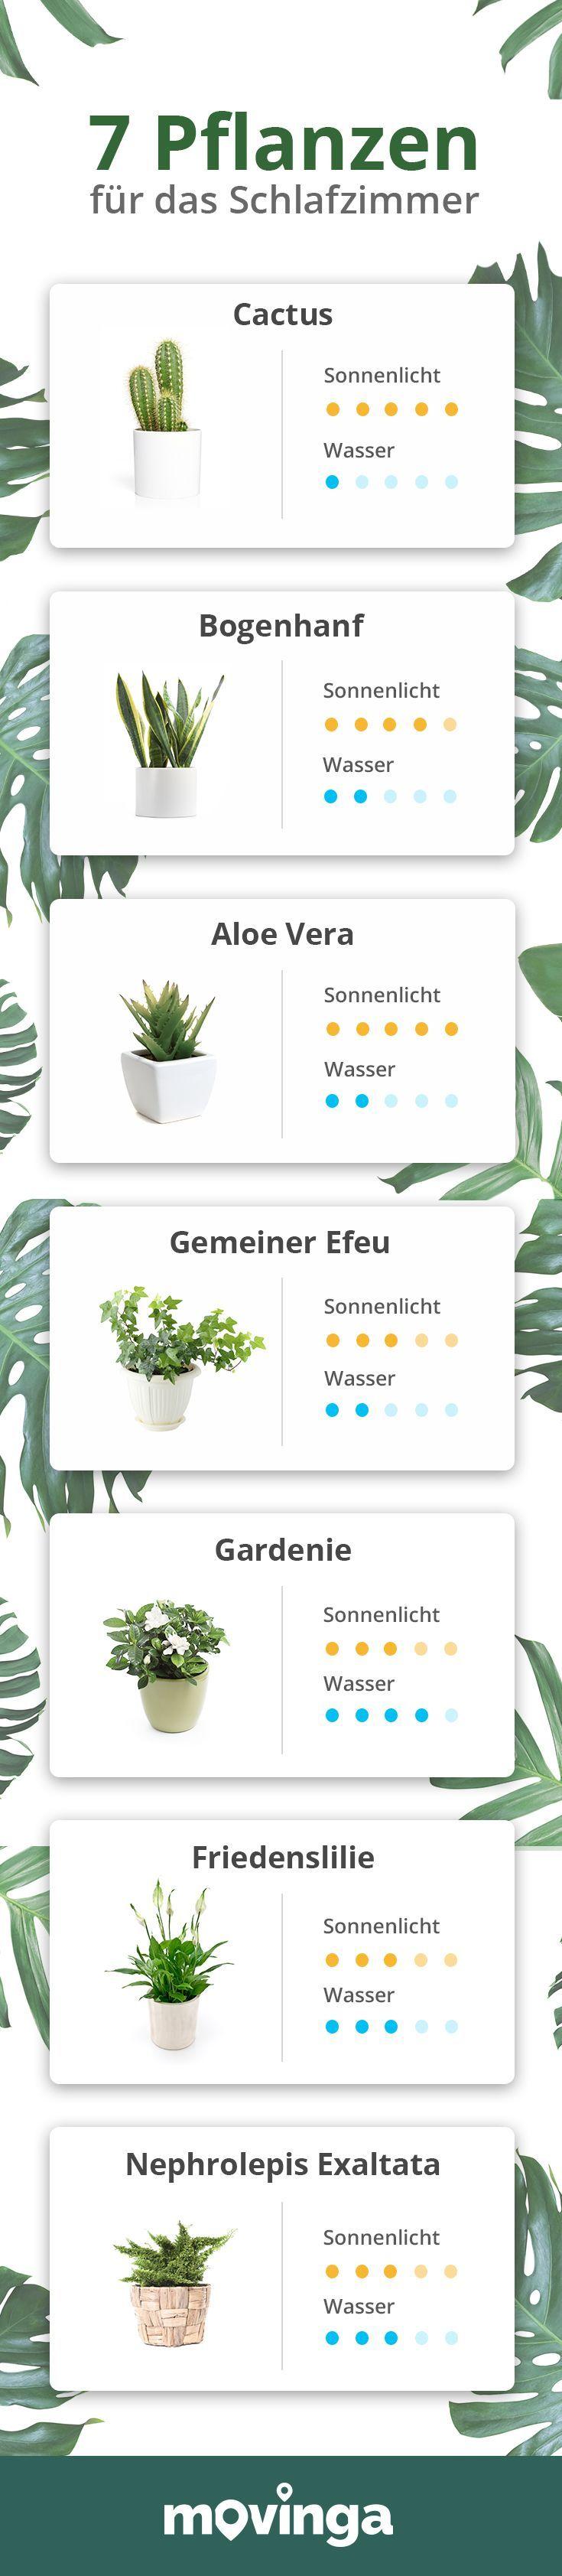 Pflanzen im Schlafzimmer 2019 Diese 7 Pflanzen sorgen für ...